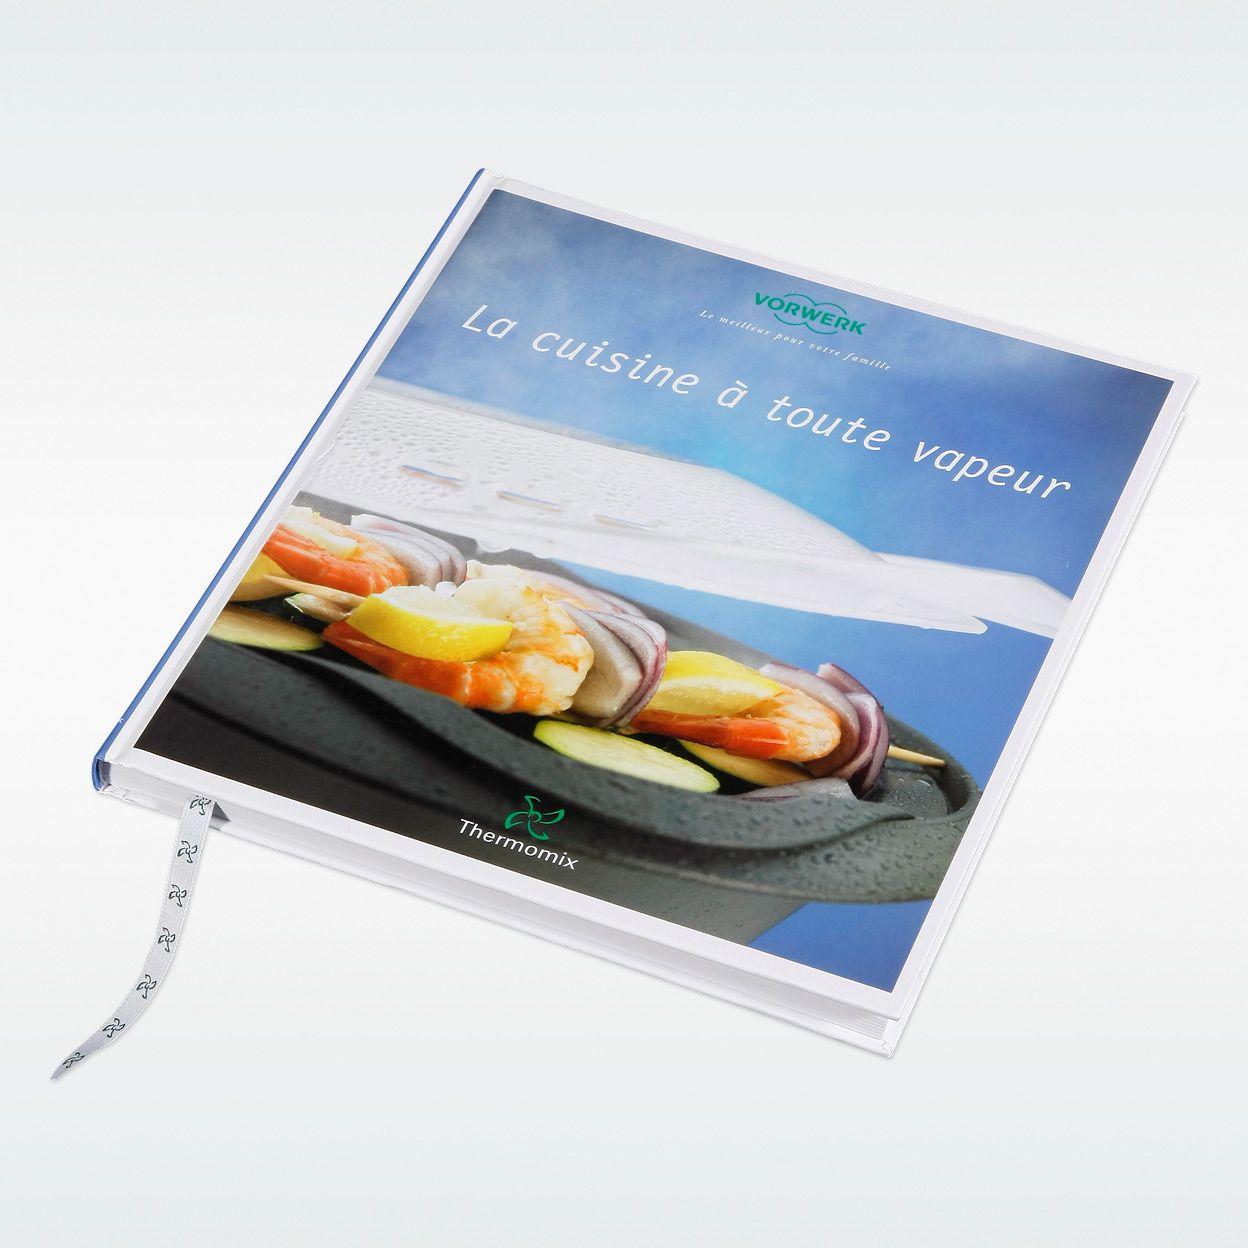 livre la cuisine toute vapeur pour thermomix - Livres De Cuisine Thermomix